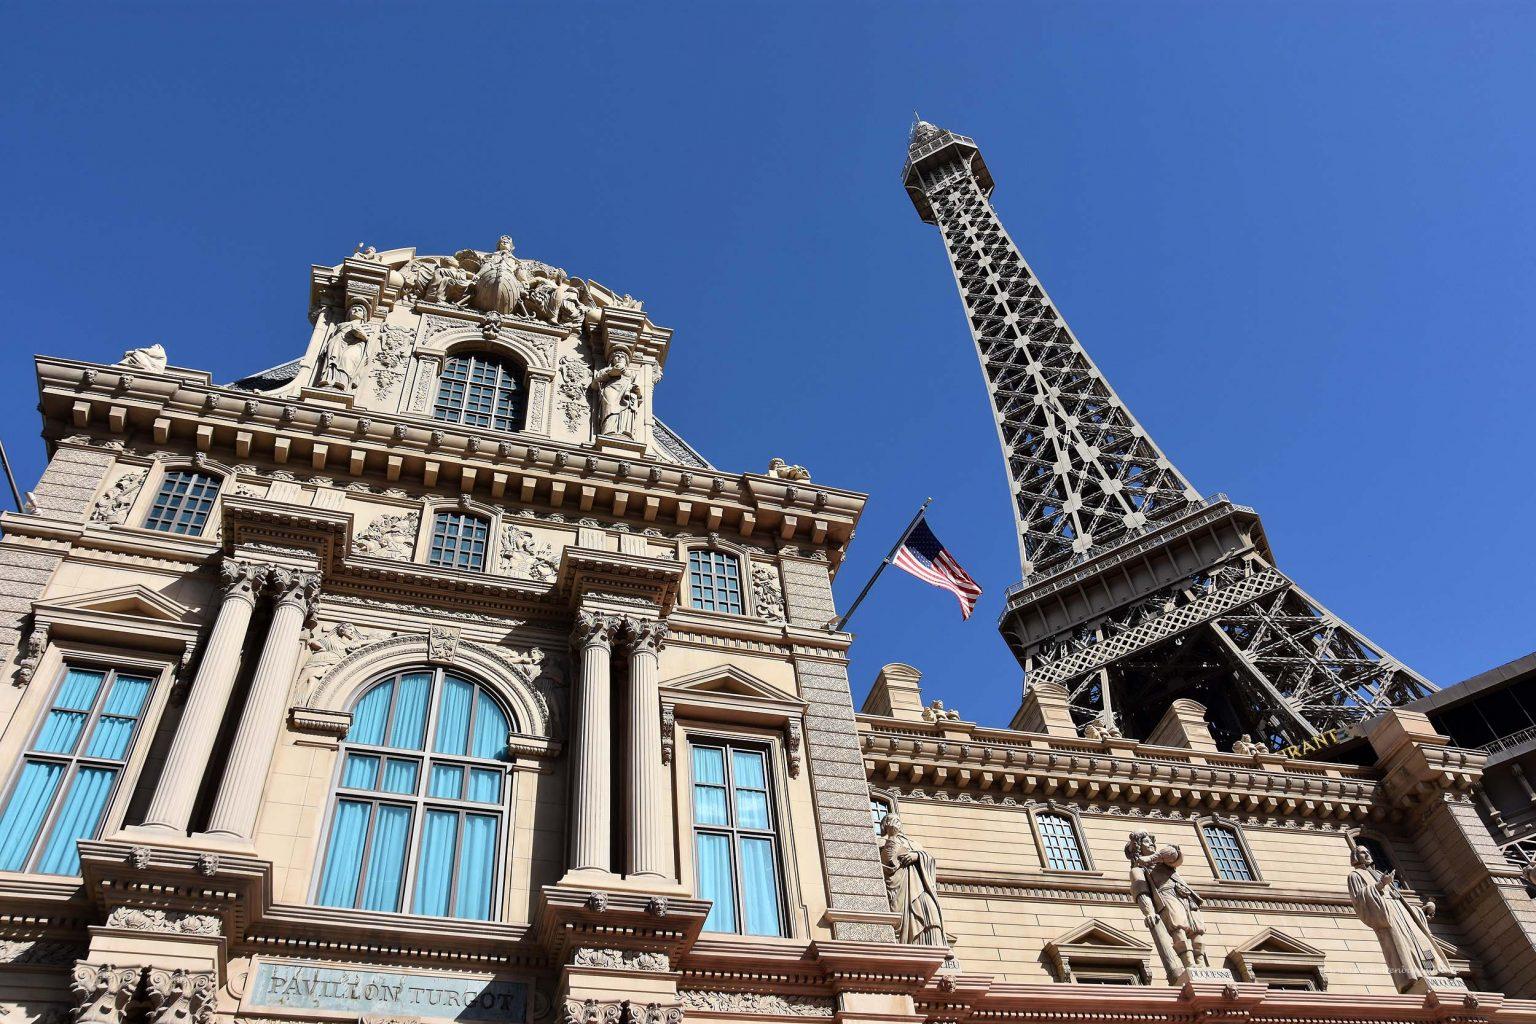 Hotel mit Eiffelturm